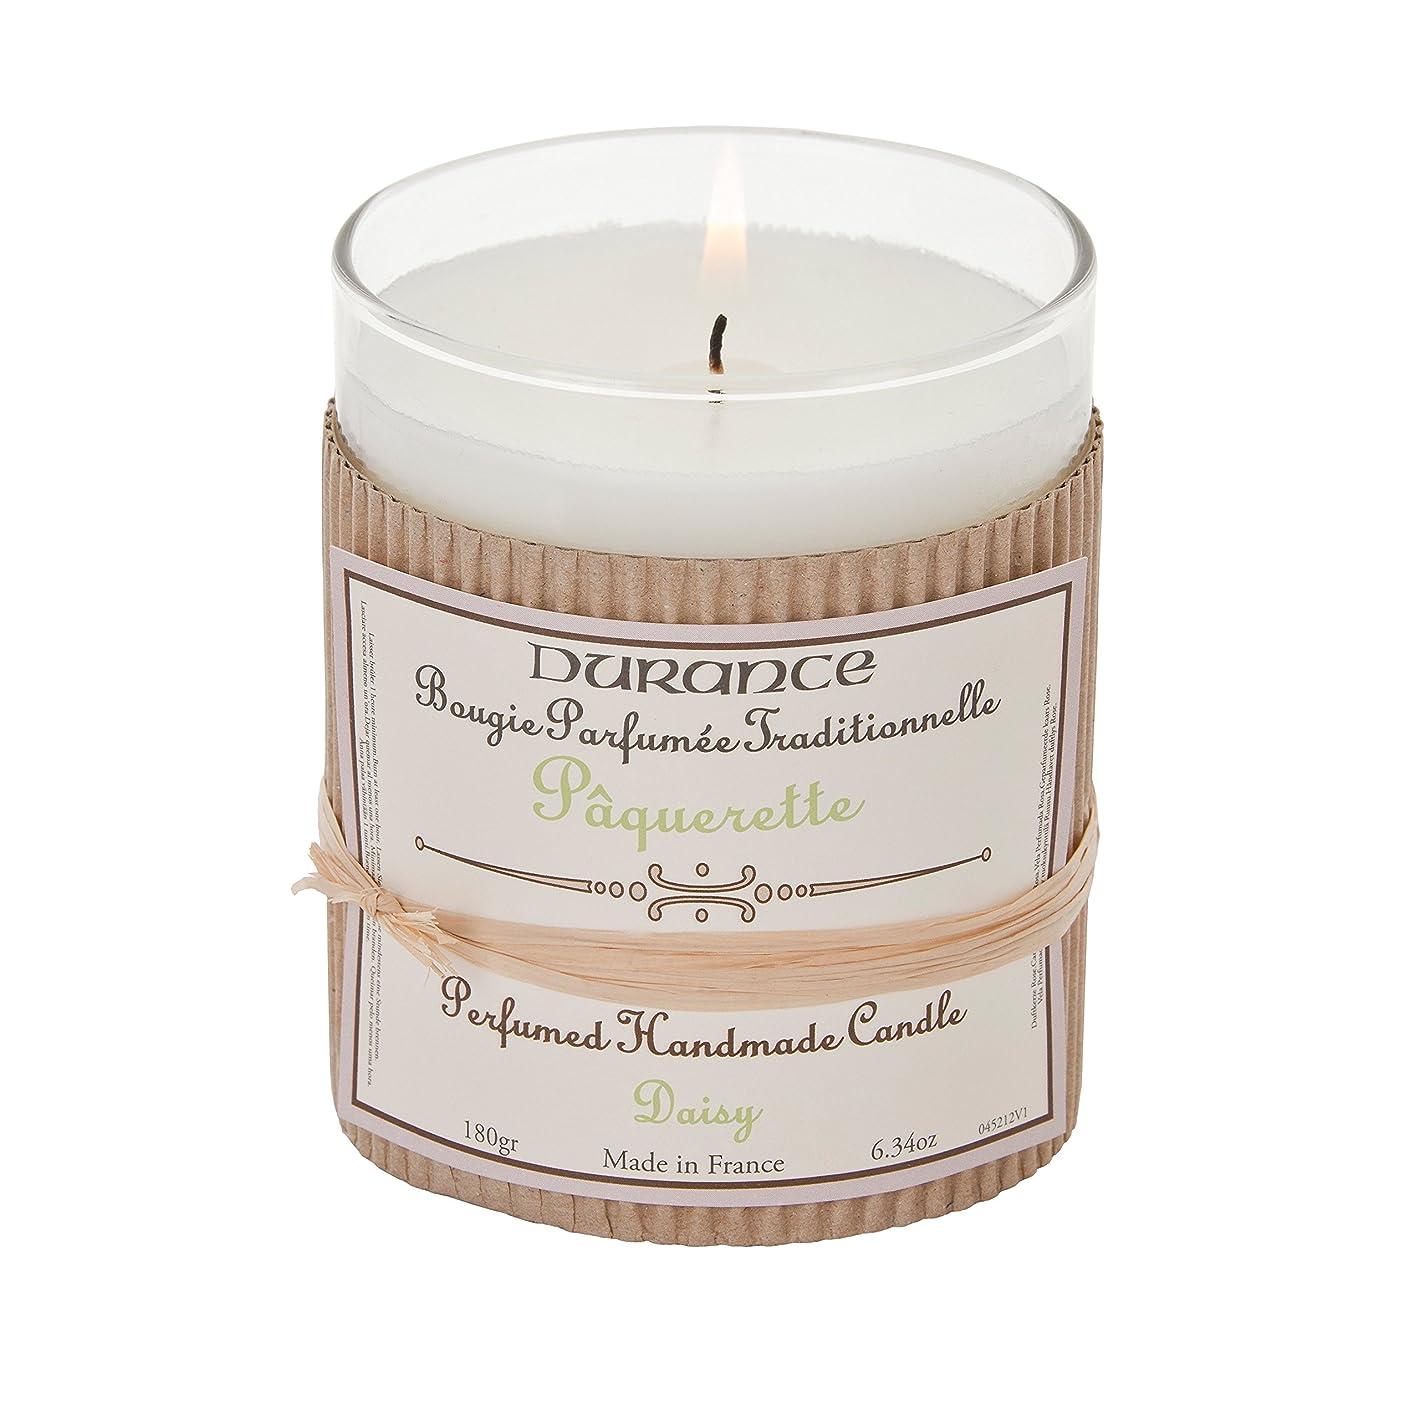 卒業復活する習熟度Durance De Provence Hand Crafted Scented Candle - Daisy